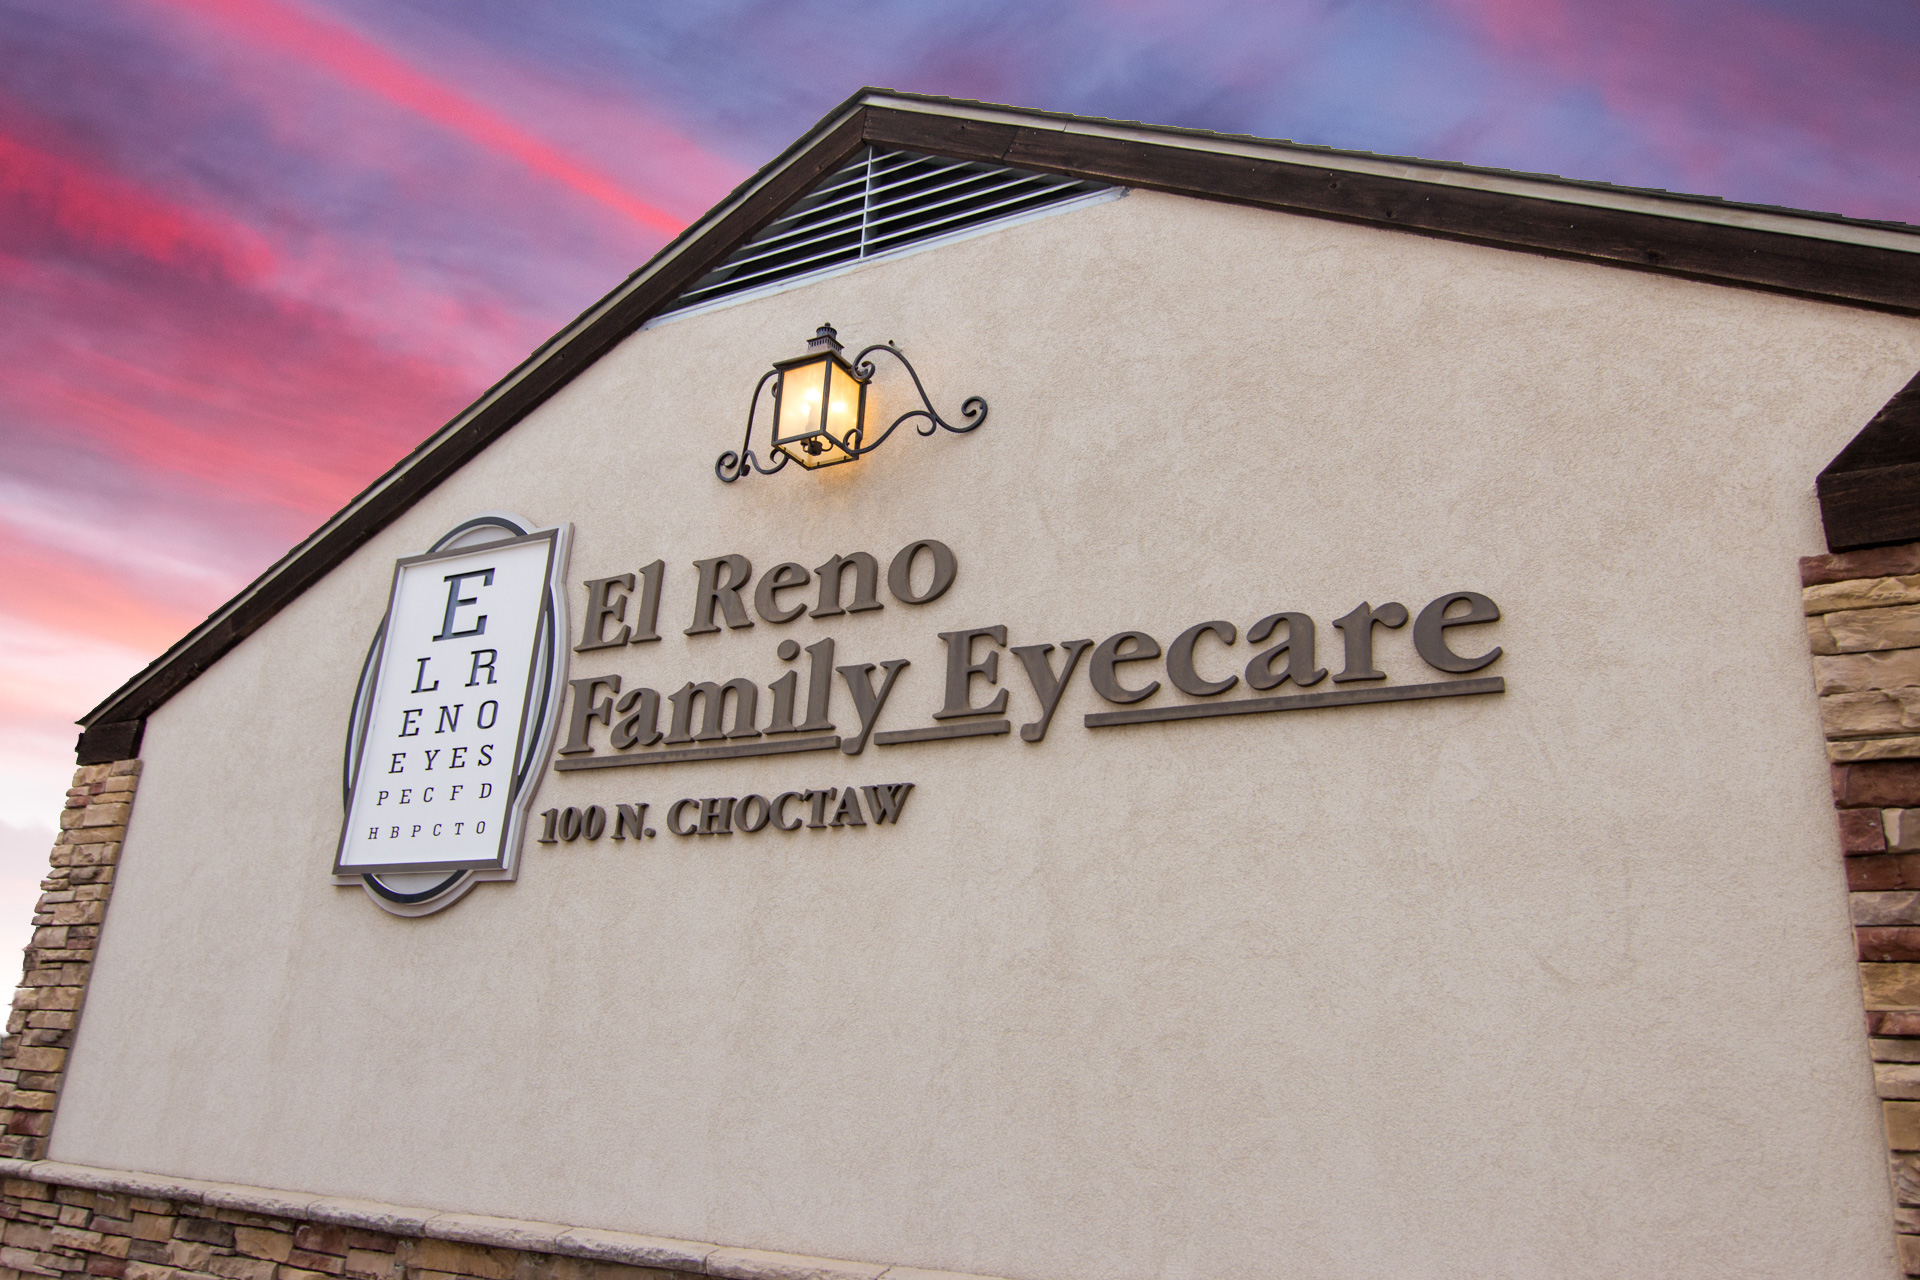 El-Reno-Family-Eyecare-Photos-Exterior-6308.jpg